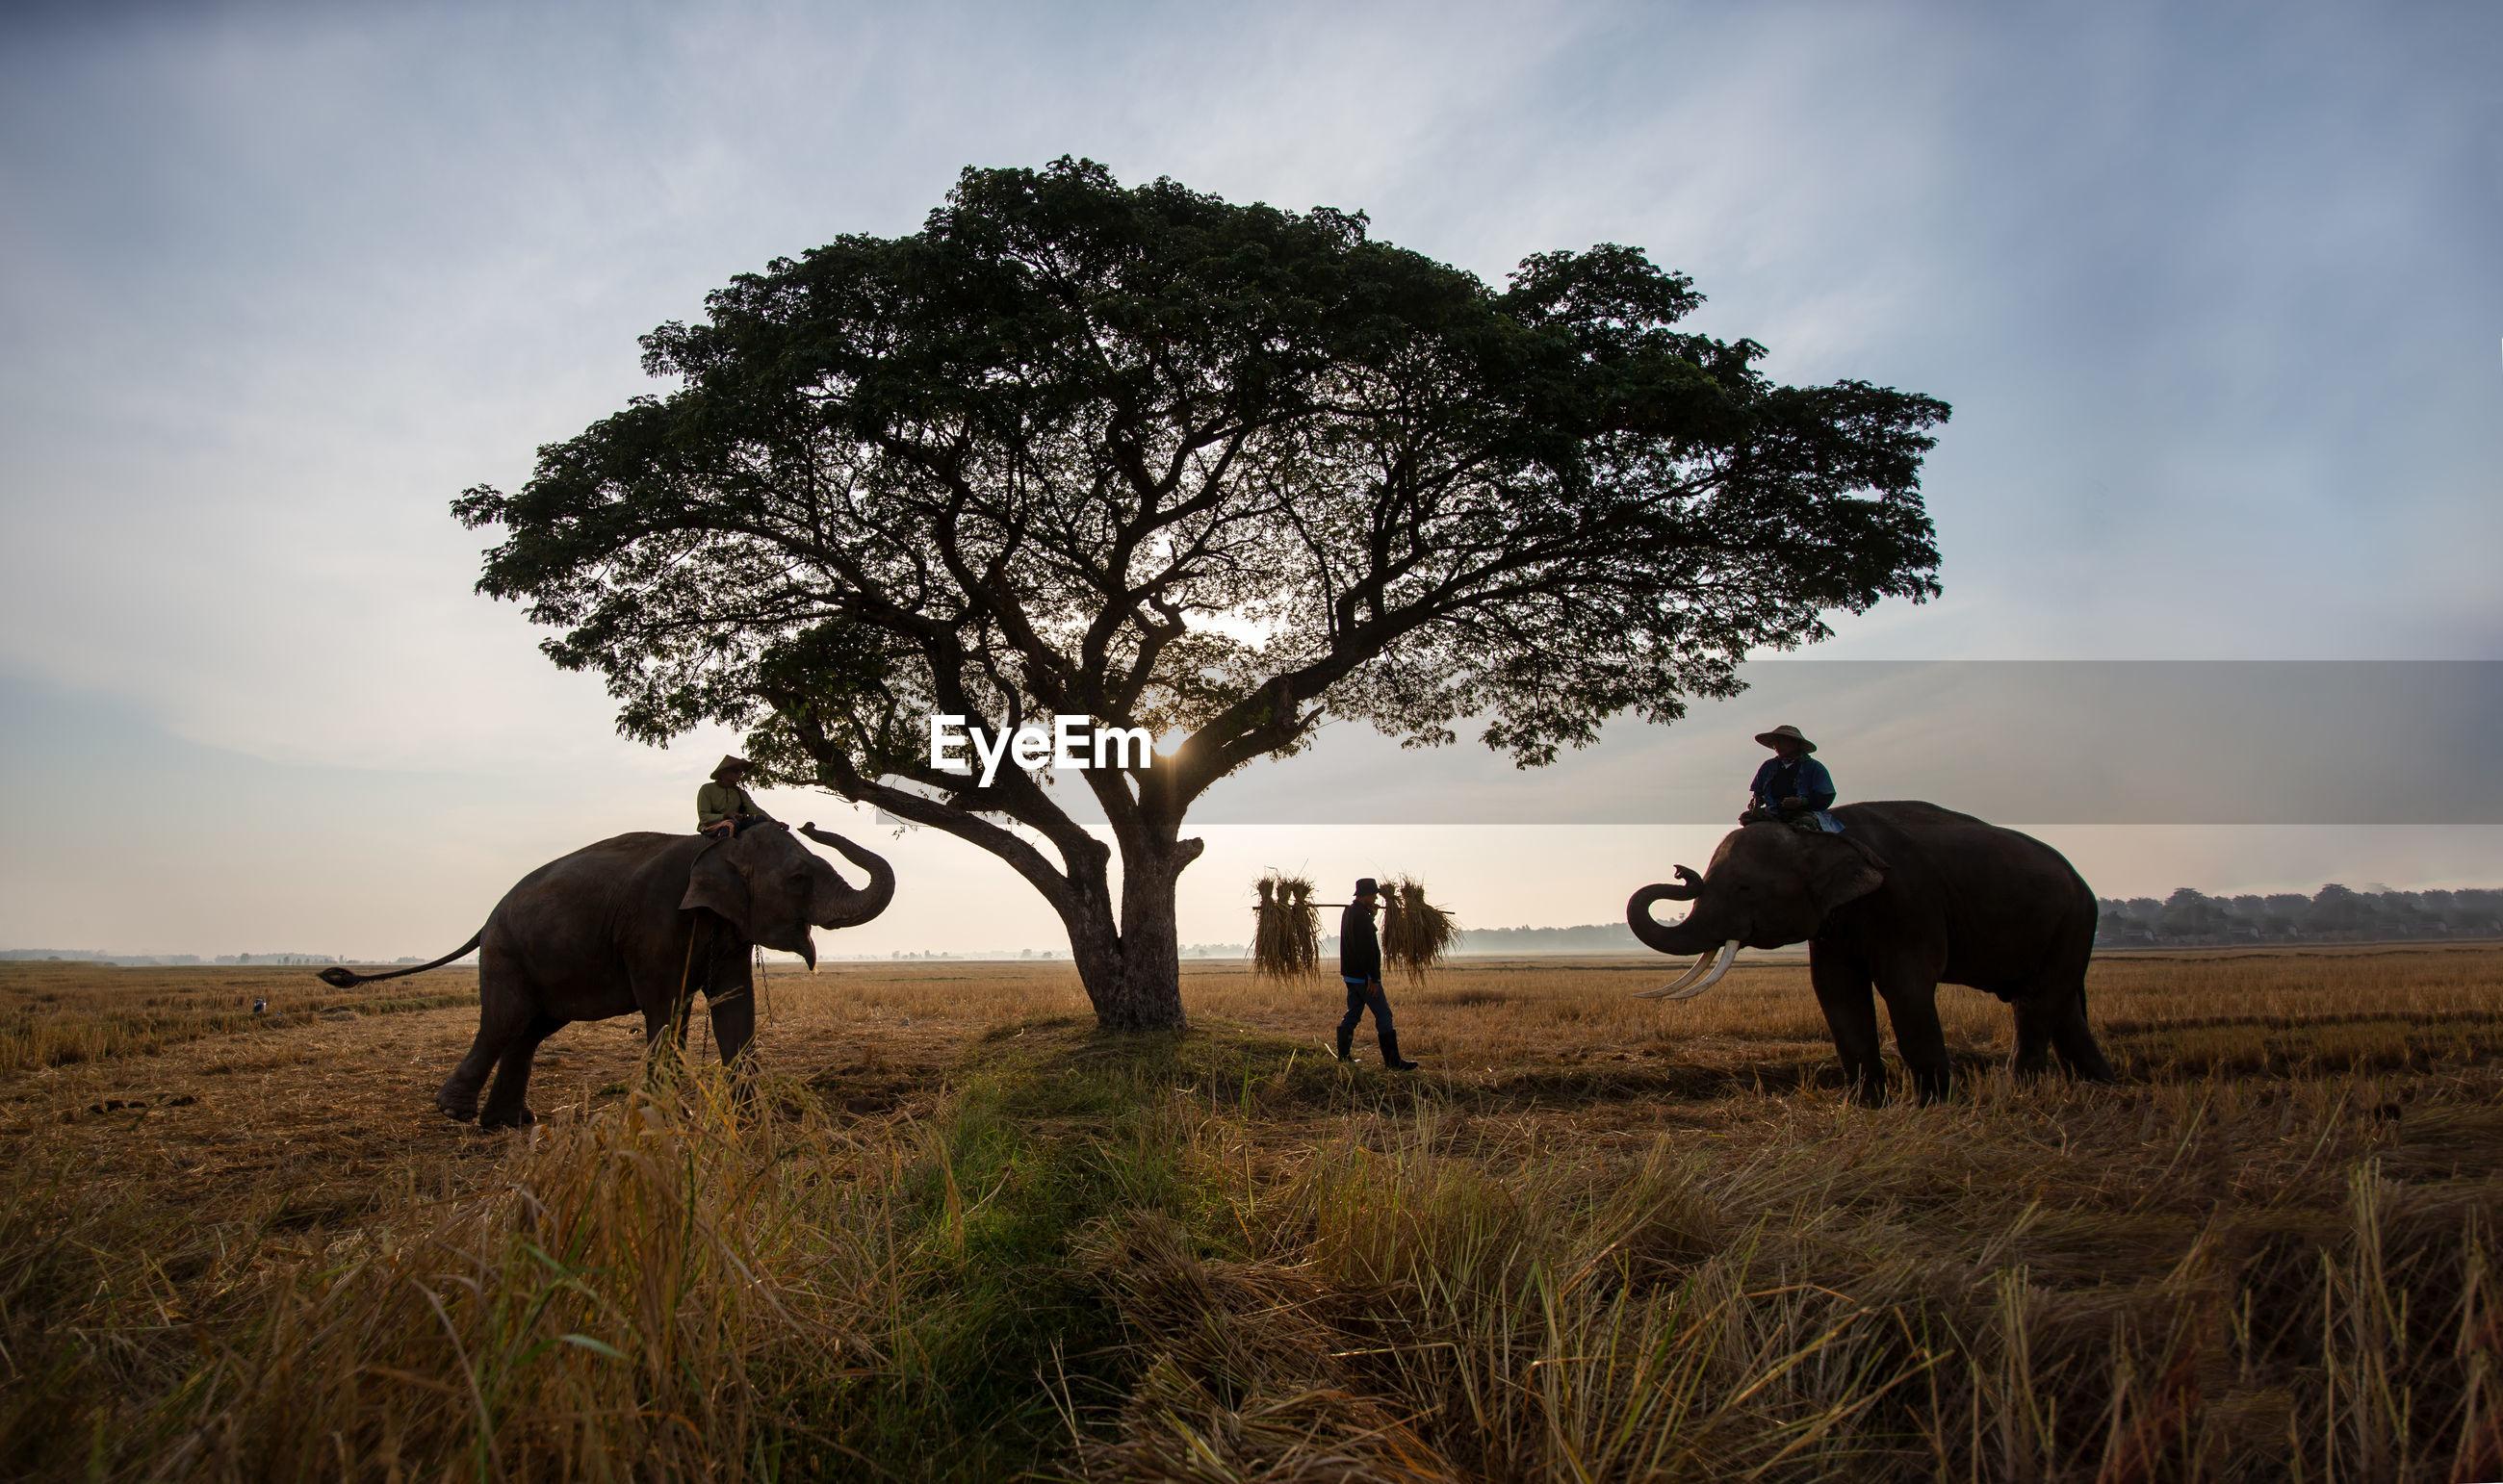 Men sitting on elephants at landscape